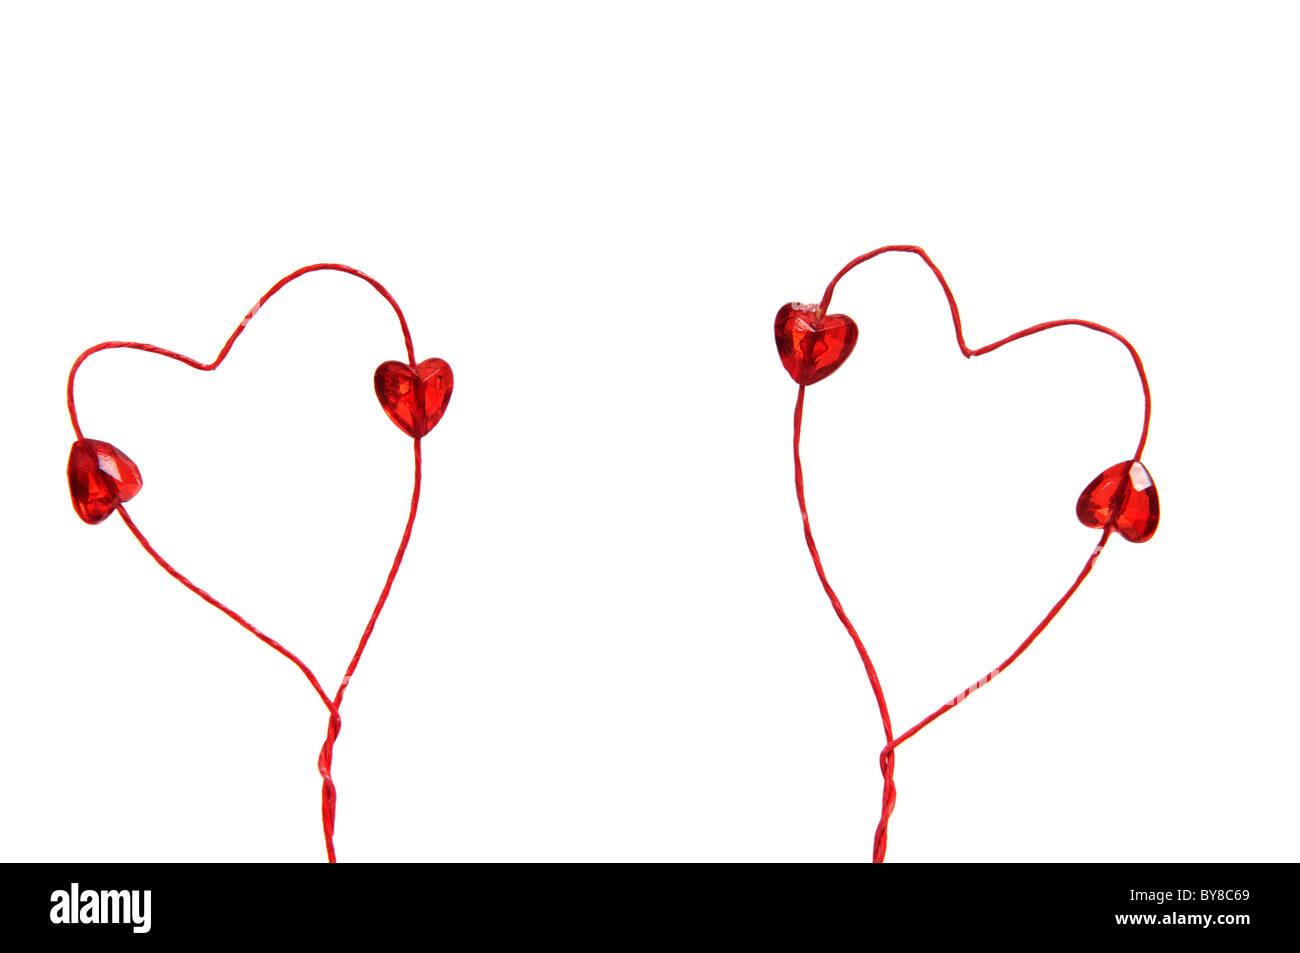 Zwei Valentine Herzen gemacht, der rote Draht mit kleinen roten ...